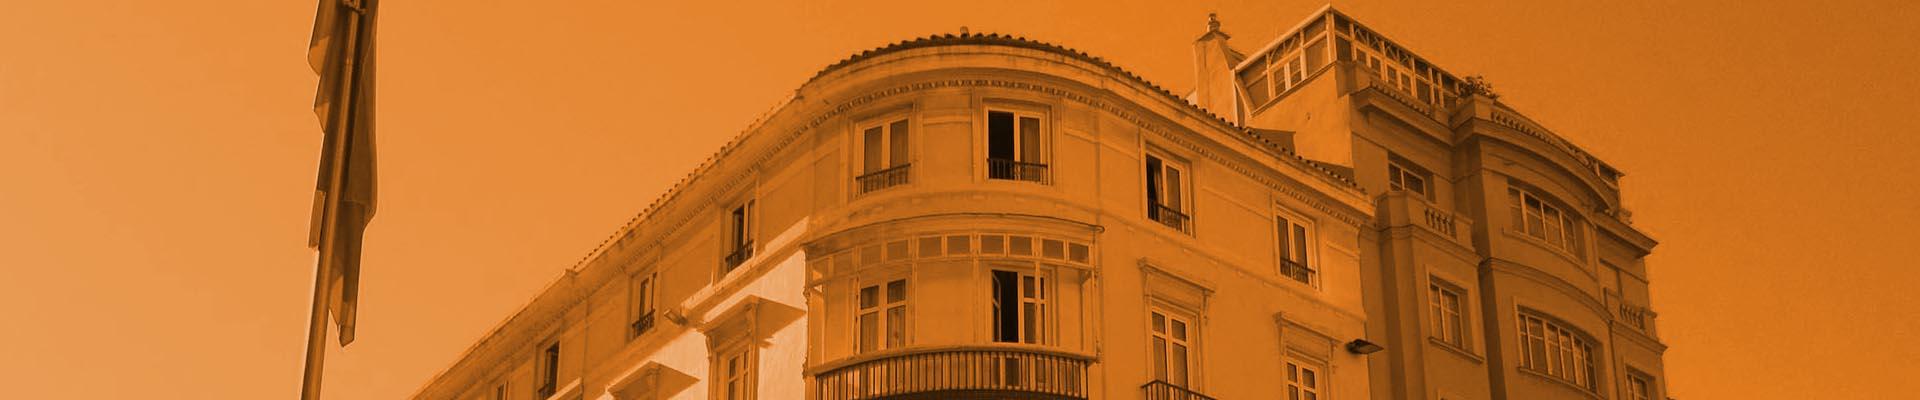 administradores de fincas en Malaga, Marbella y Fuengirola